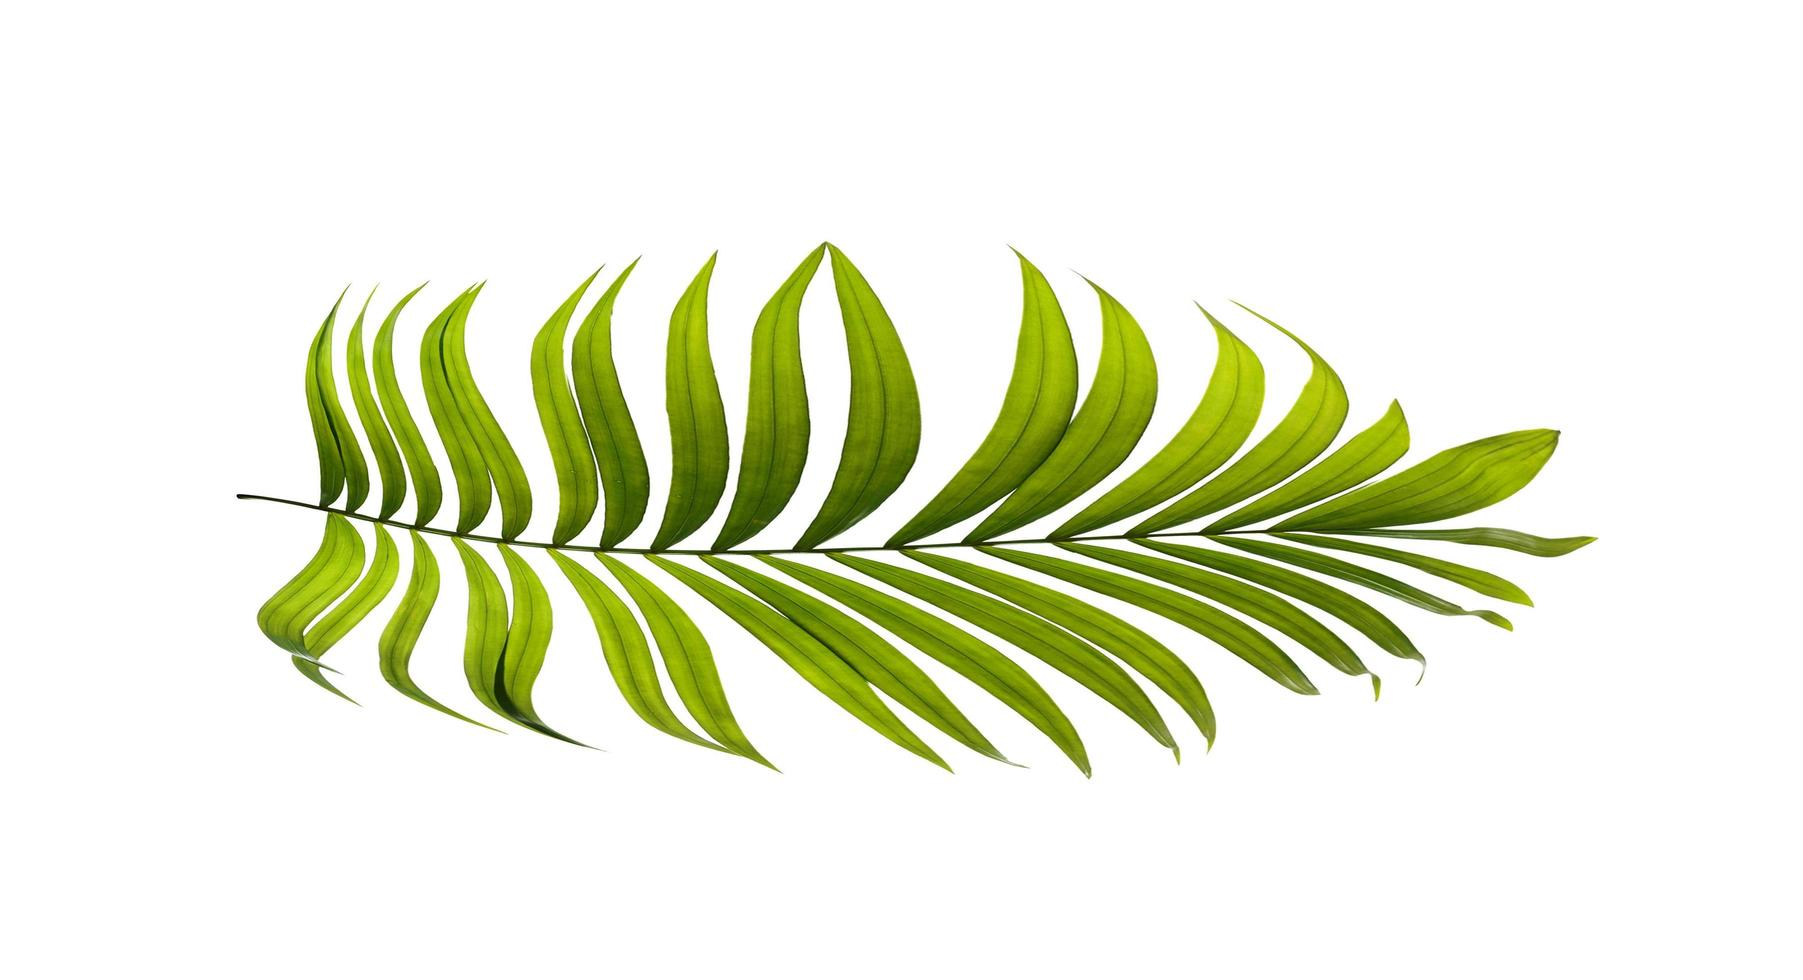 palmblad op een wit oppervlak foto